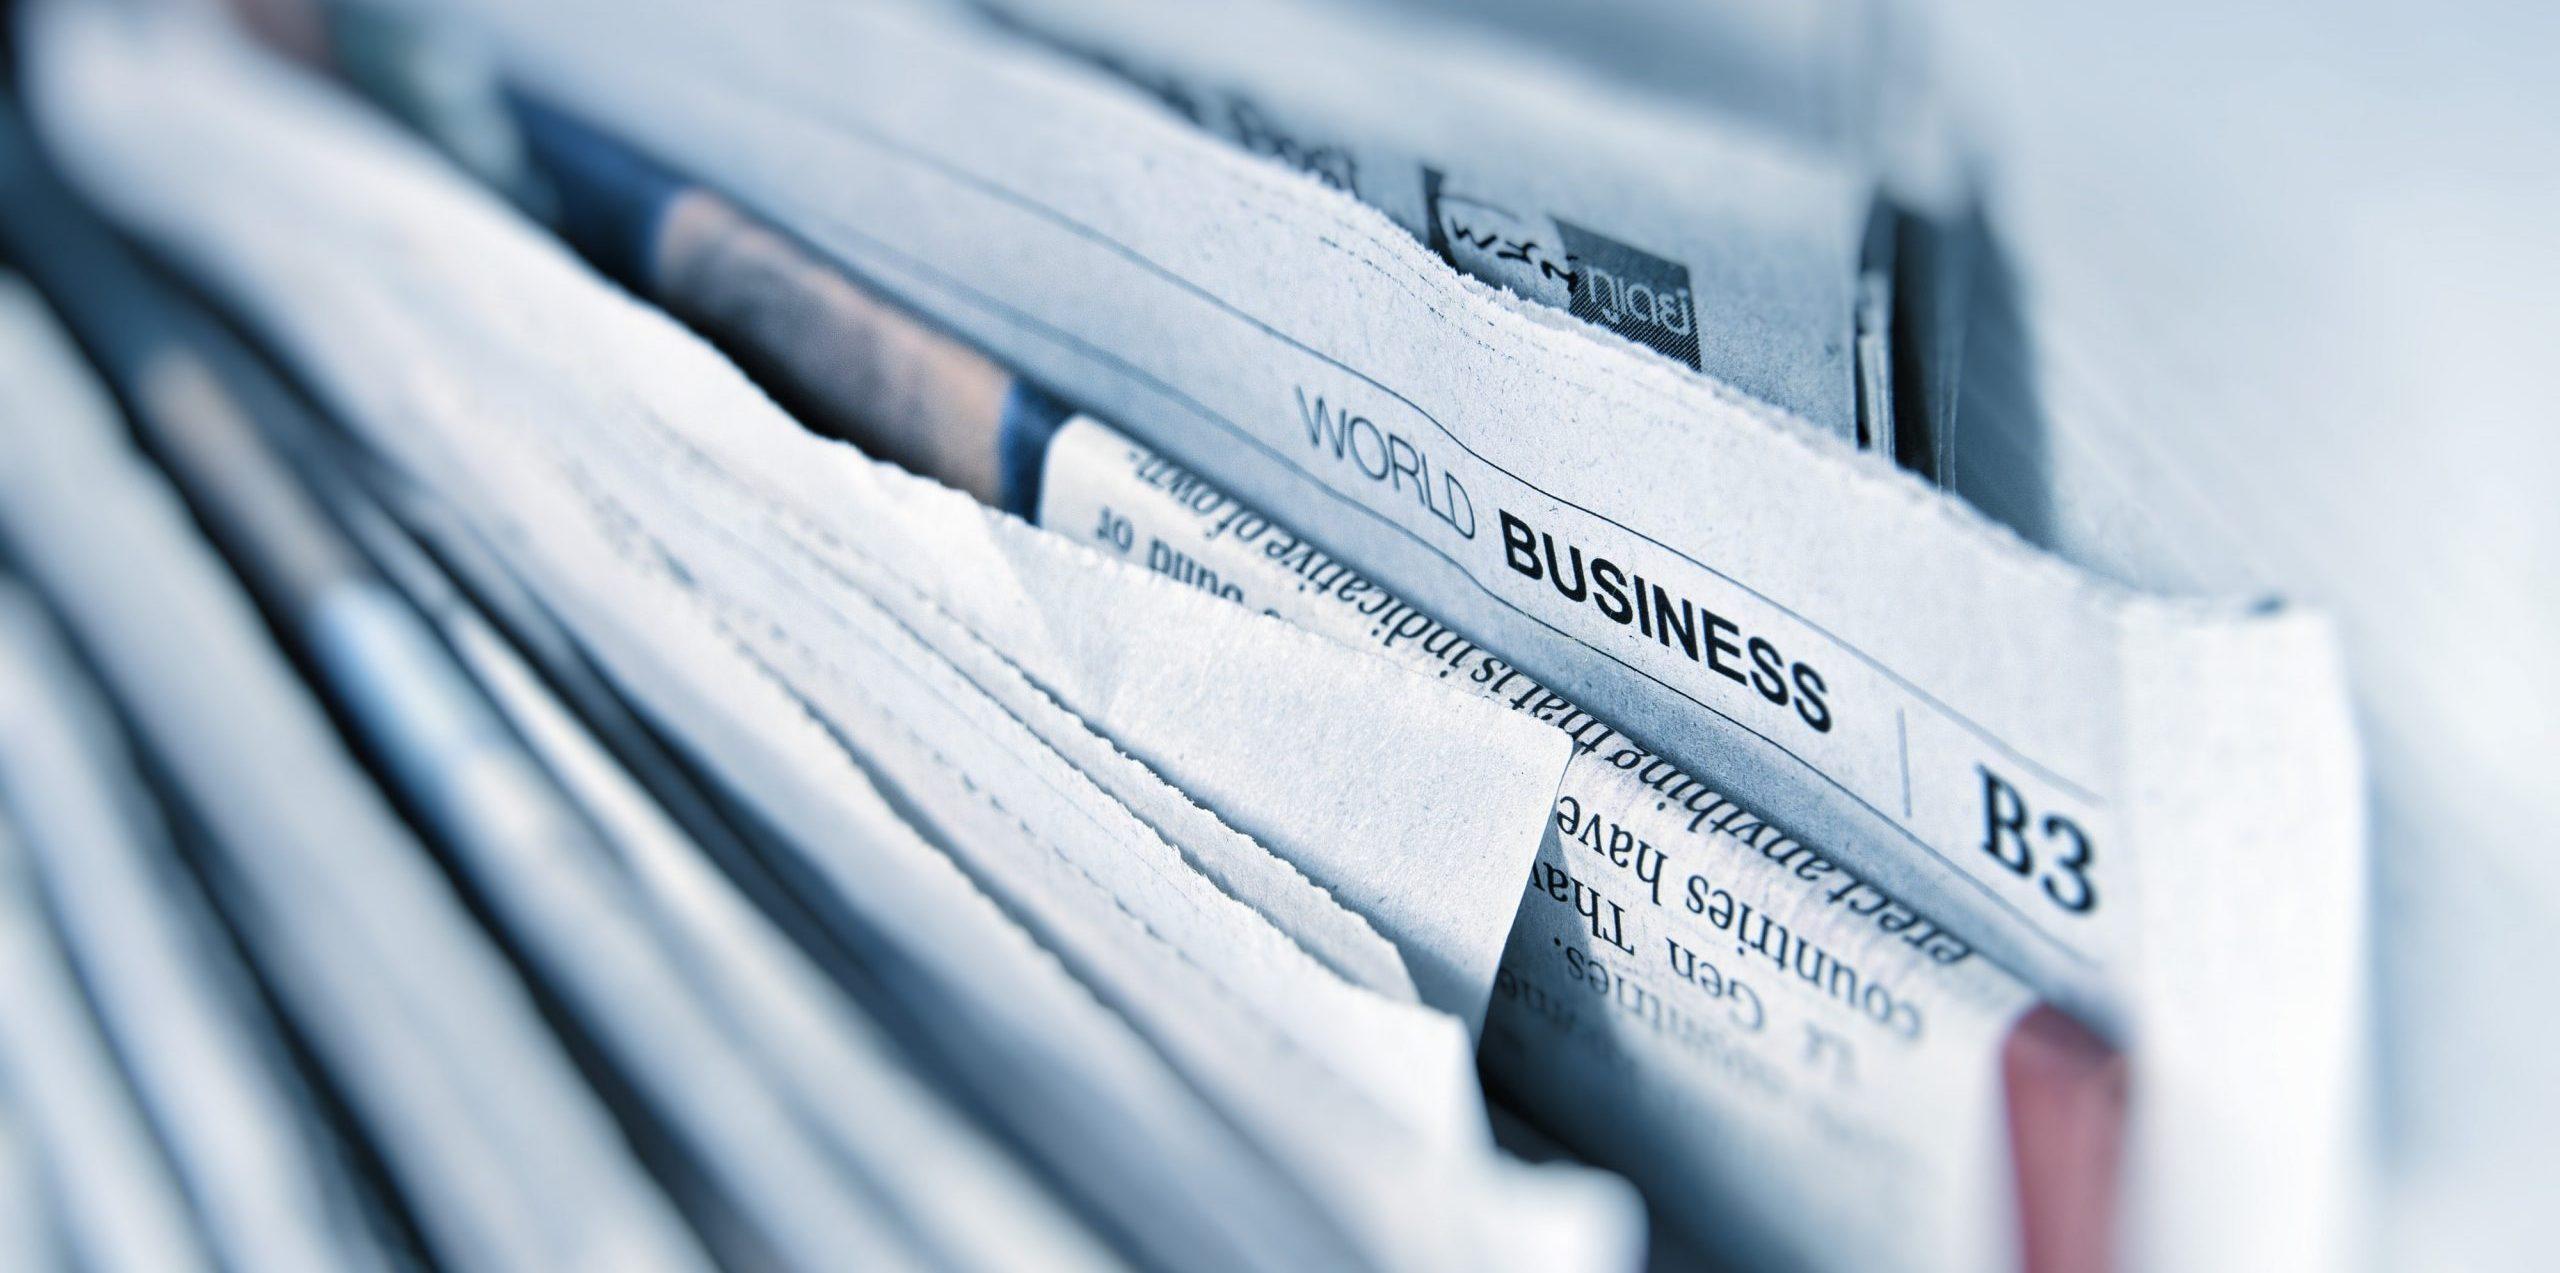 Retrouvez toutes nos apparitions dans les journaux et les liens de nos interventions télévisées.